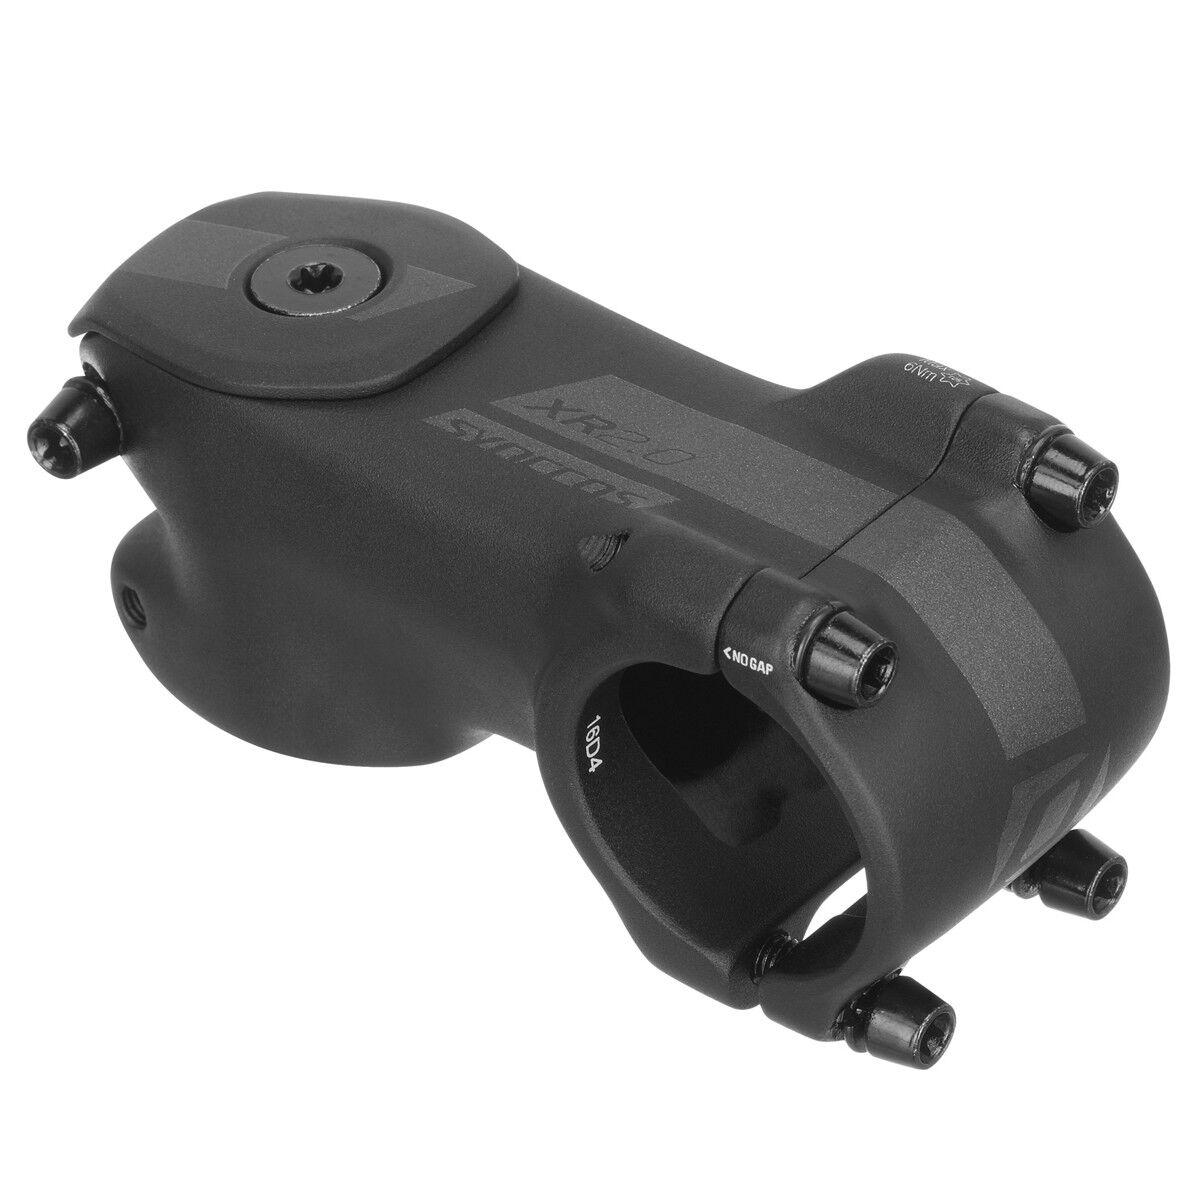 Syncros XR2.0 MTB Fahrrad Vorbau 31.8mm  8° 8° 8° schwarz  | Einfach zu bedienen  9b3bda